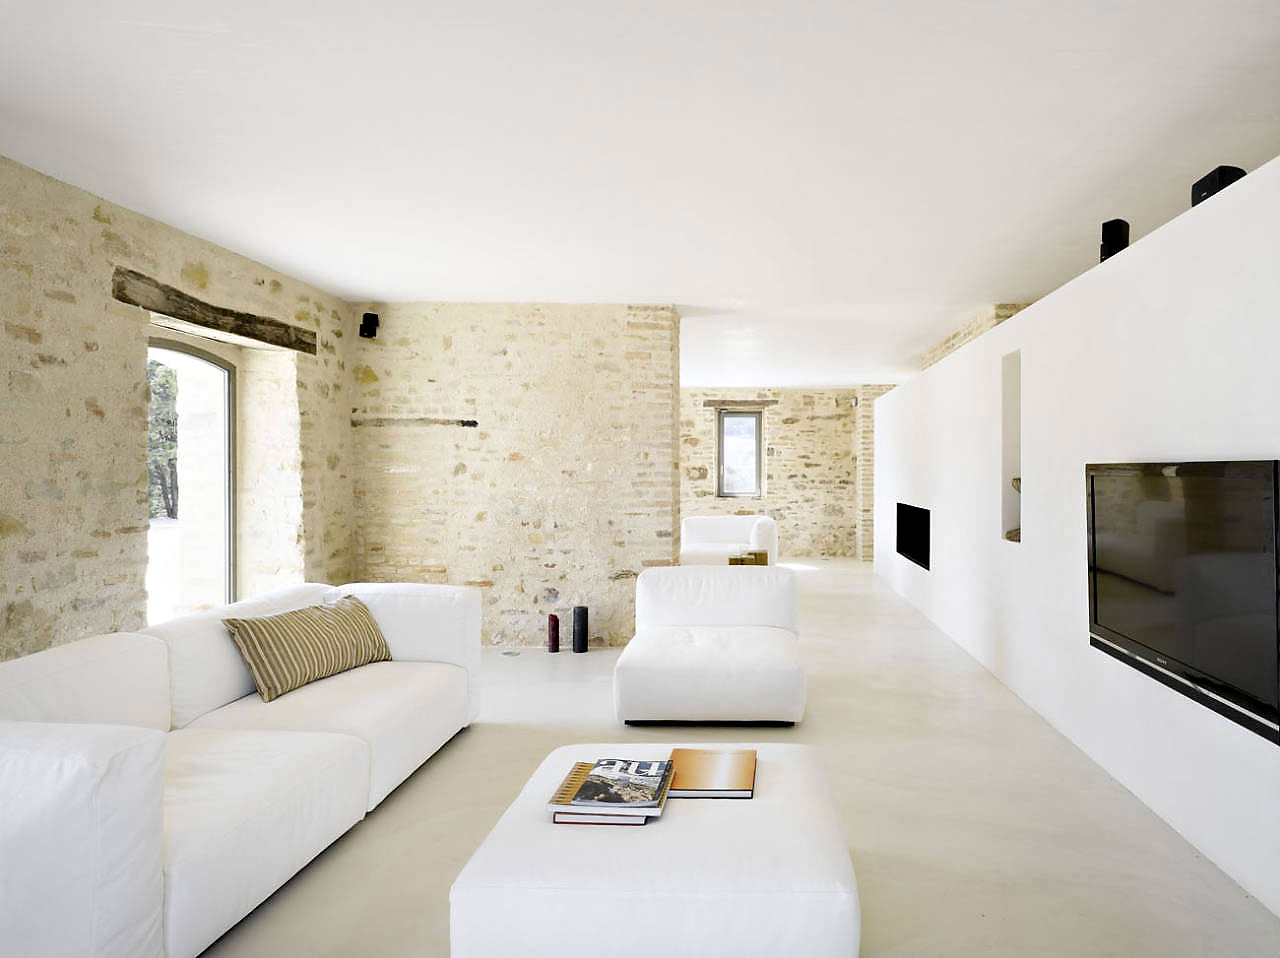 Кирпичные стены в интерьере дома в стиле минимализм